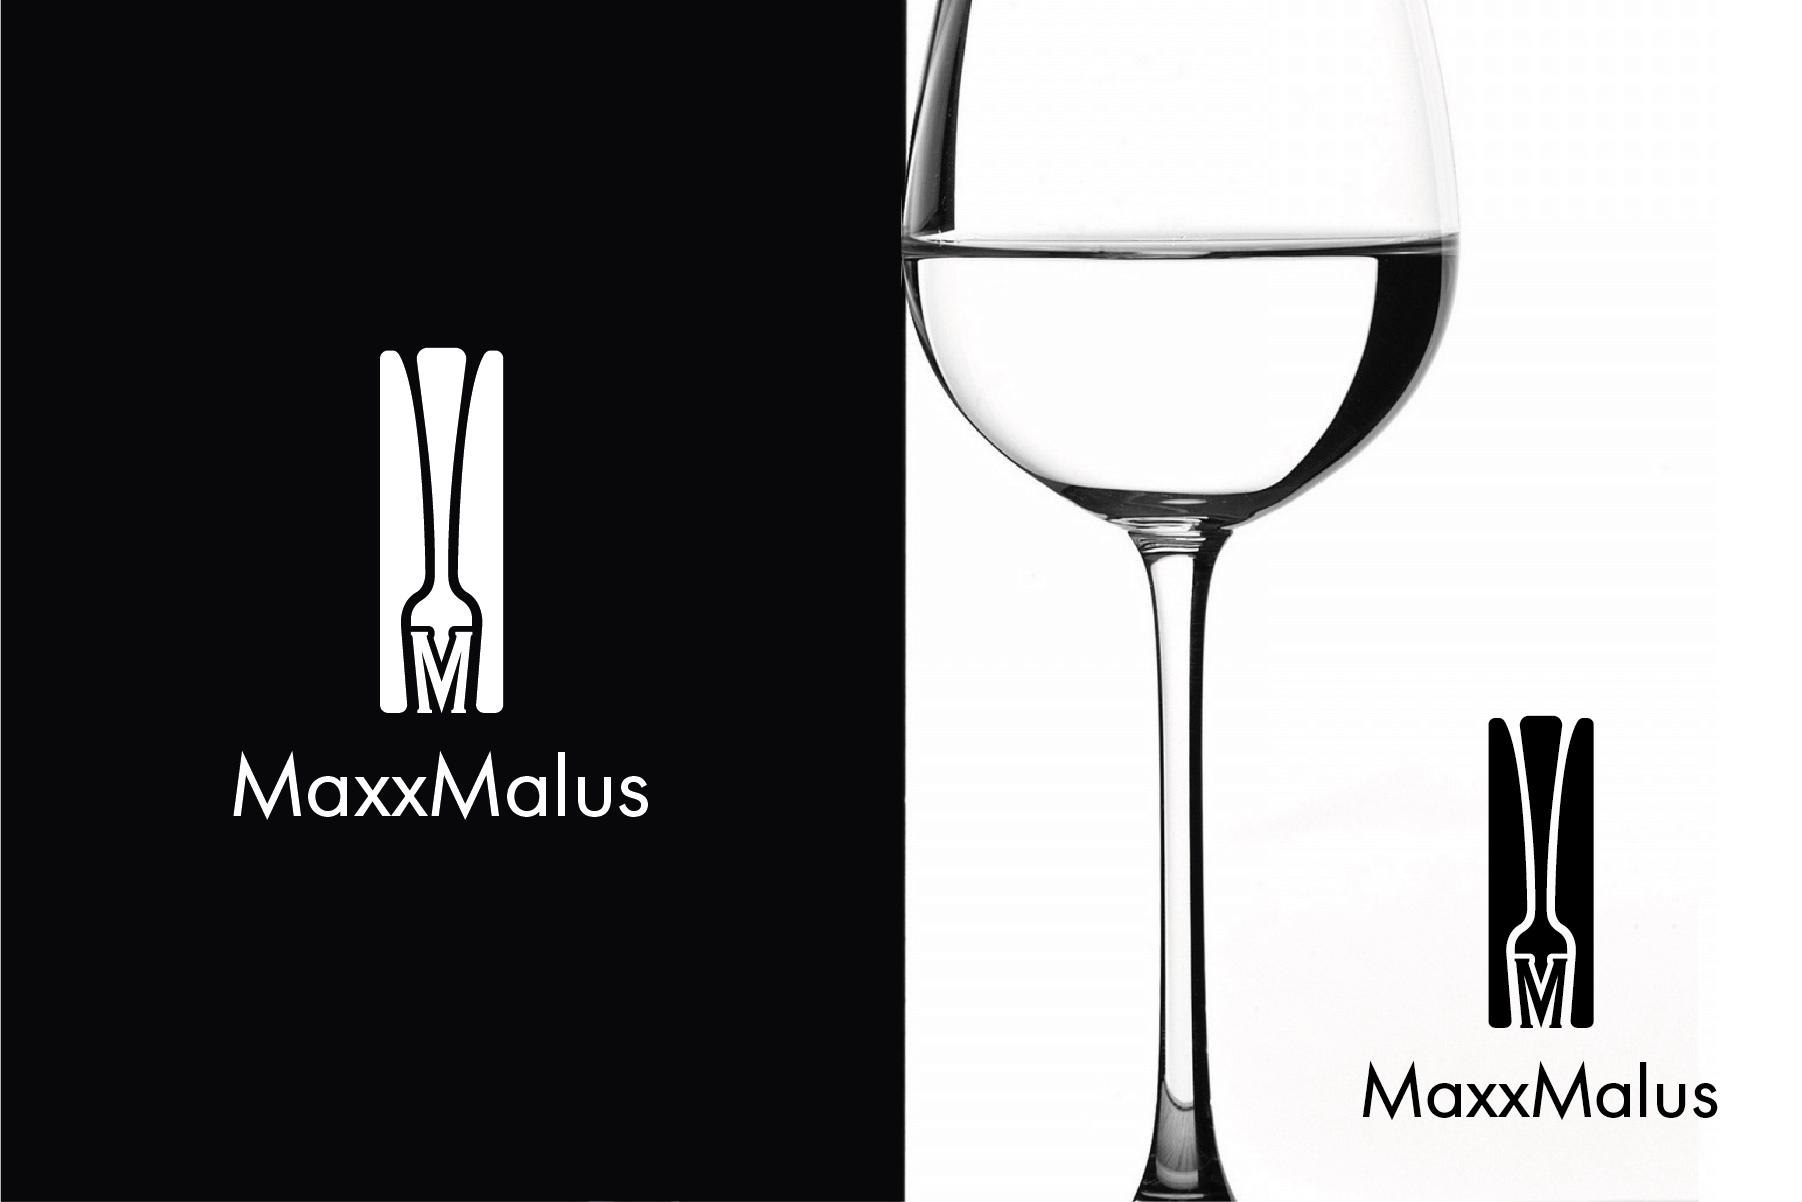 Логотип для нового бренда повседневной посуды фото f_0215ba12fec21ad1.jpg